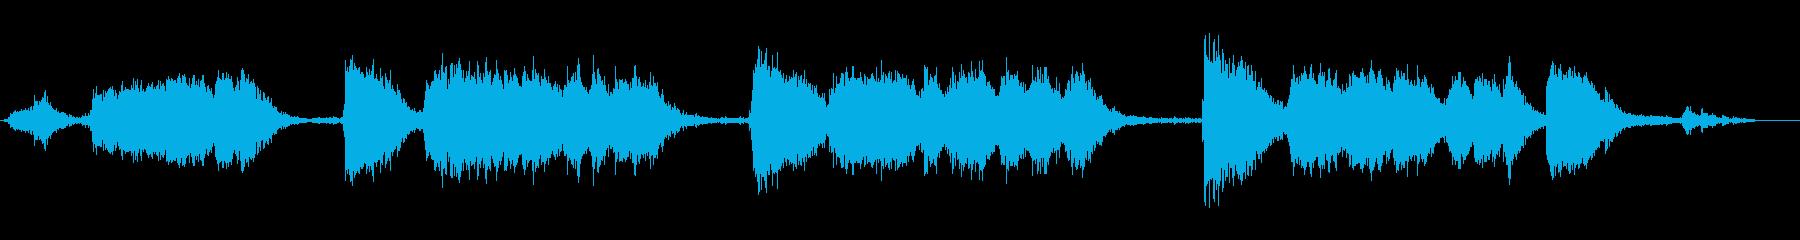 インパクトレンチ、ガスガス&サービ...の再生済みの波形